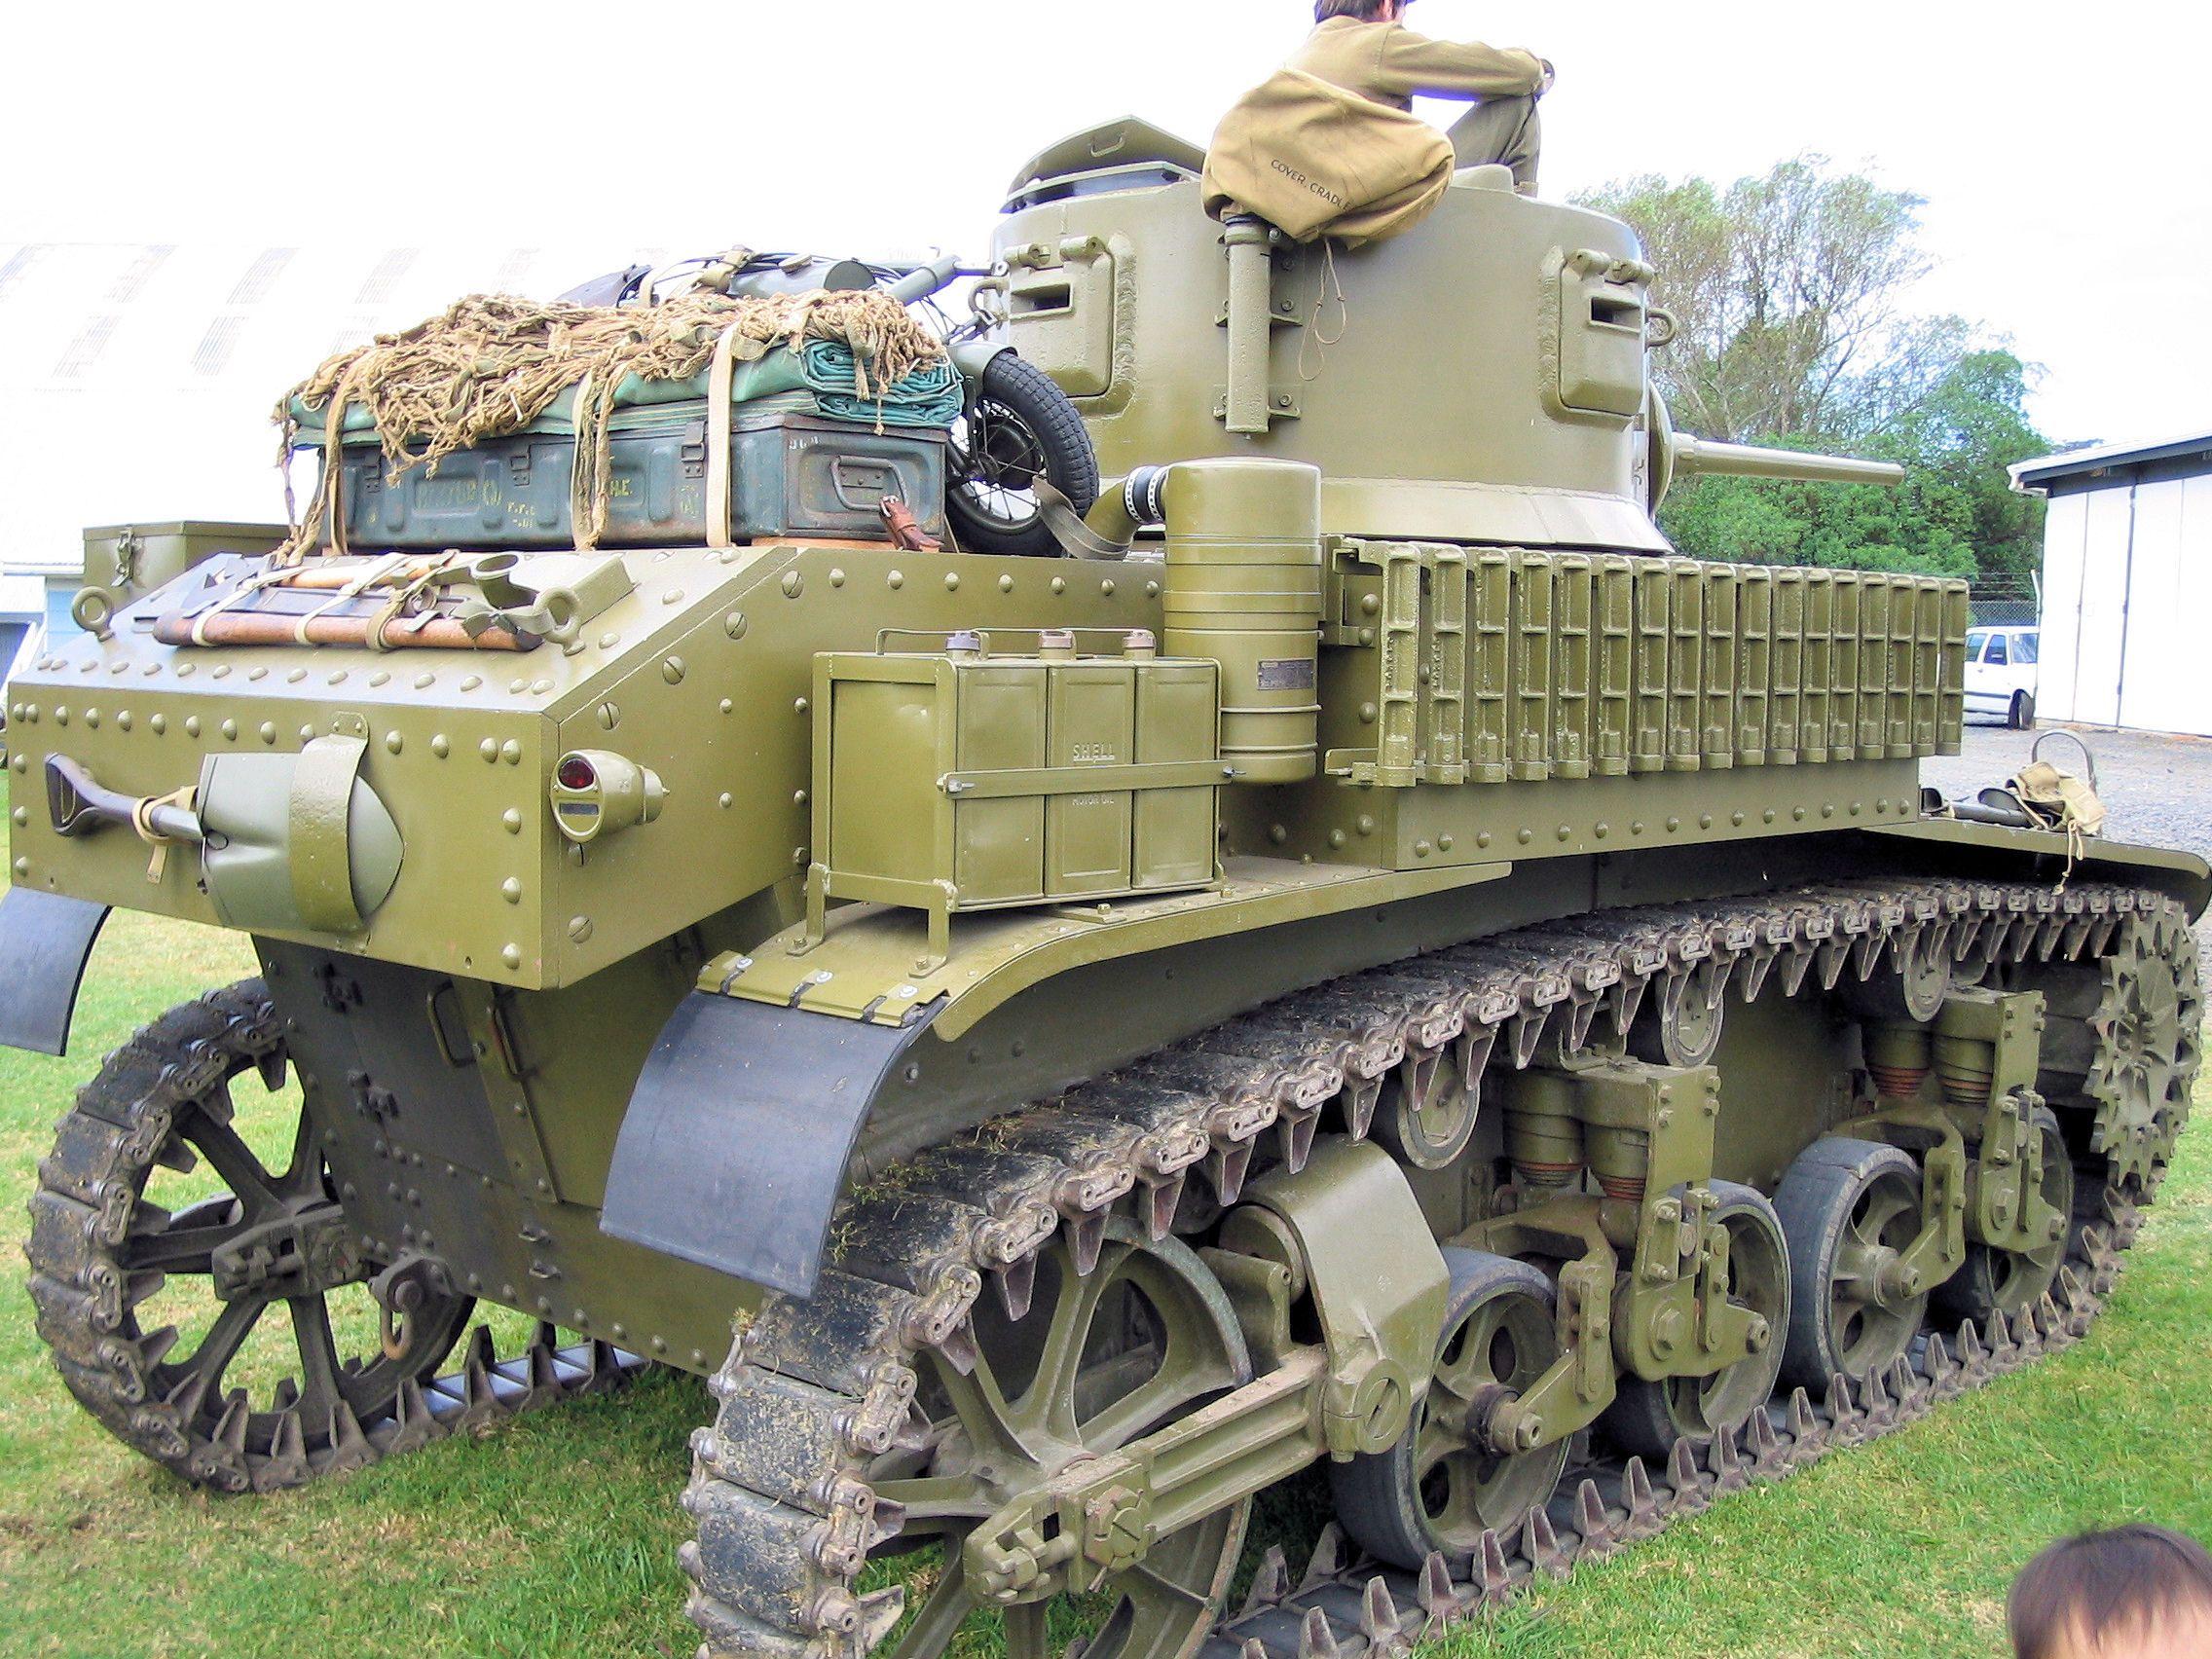 M3 Stuart Light Tank (1940)